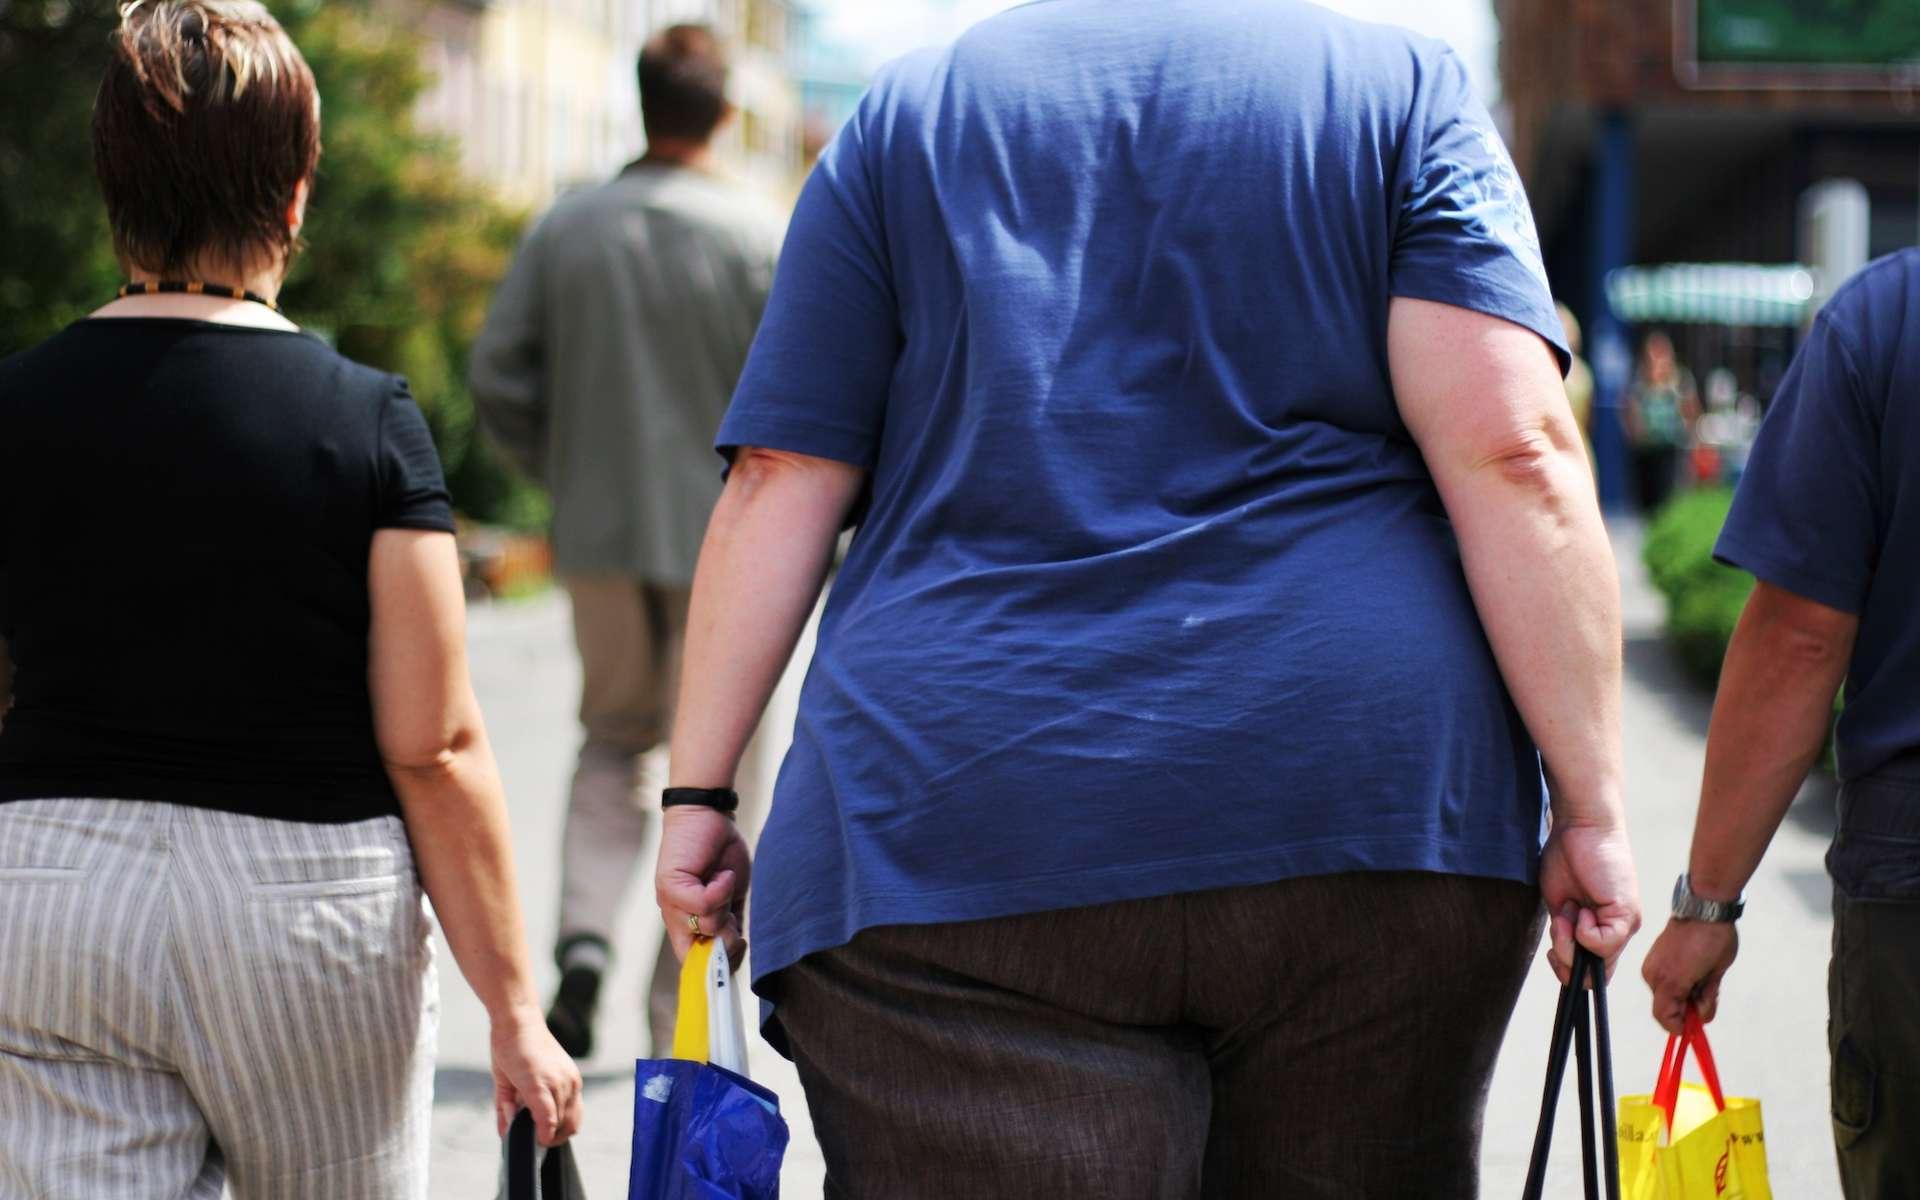 L'obésité touche 13 % de la population adulte mondiale. En 40 ans, le pourcentage des obèses a triplé chez les hommes et plus que doublé chez les femmes, avec des disparités très importantes selon les pays, les pays riches anglophones étant les plus sévèrement touchés. © Jakub Cejpek, shutterstock.com